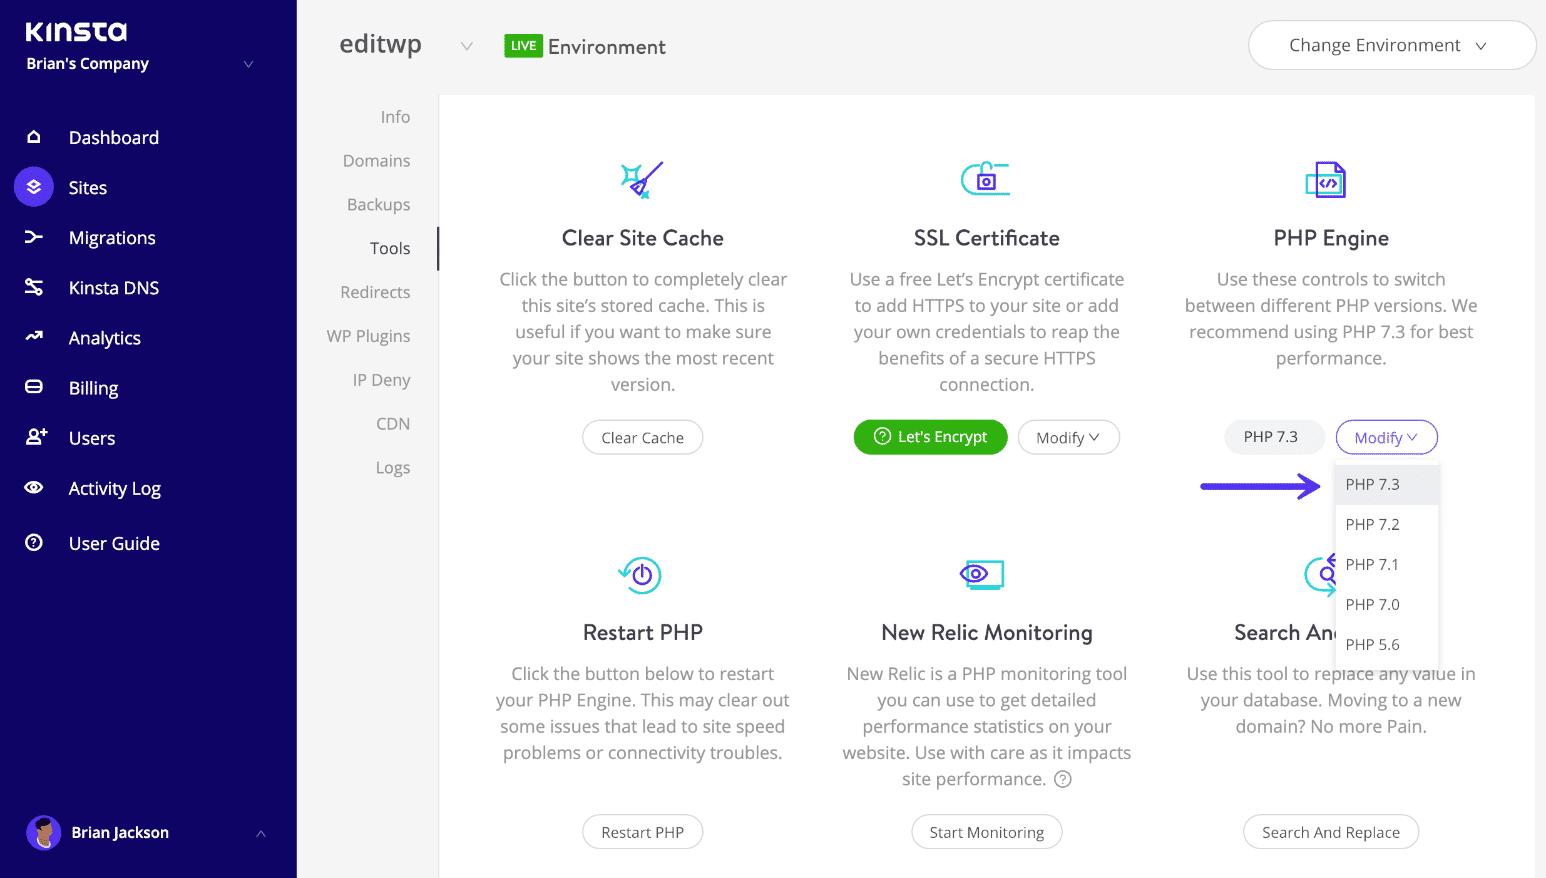 Changer la version de PHP